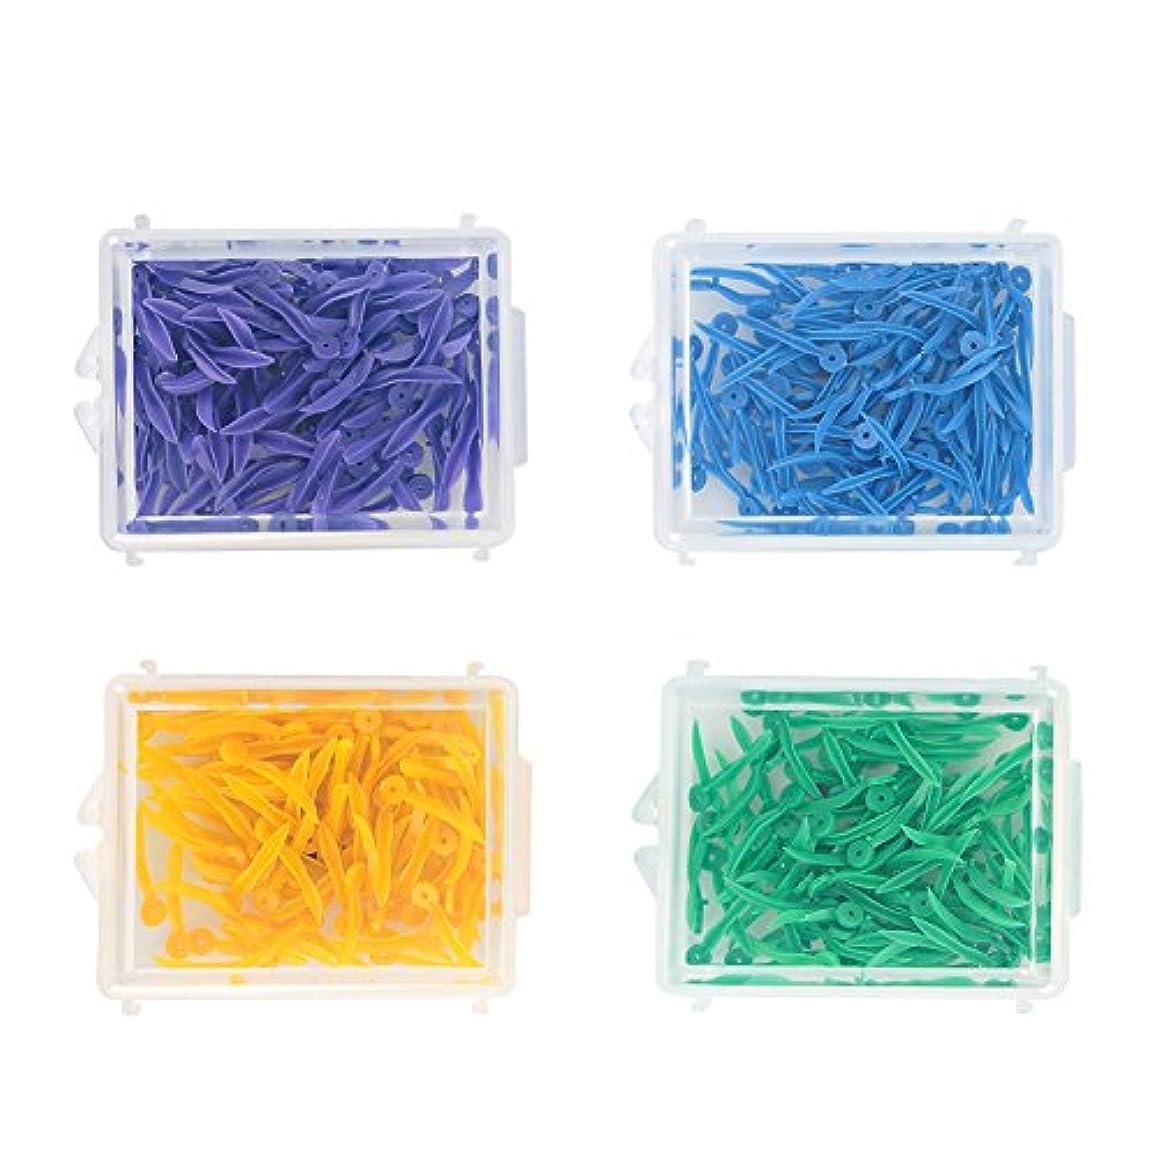 合図エピソードインチ400pcs使い捨て歯科用プラスチック製くさびすべての4つのサイズウェーブシェイプウェッジ